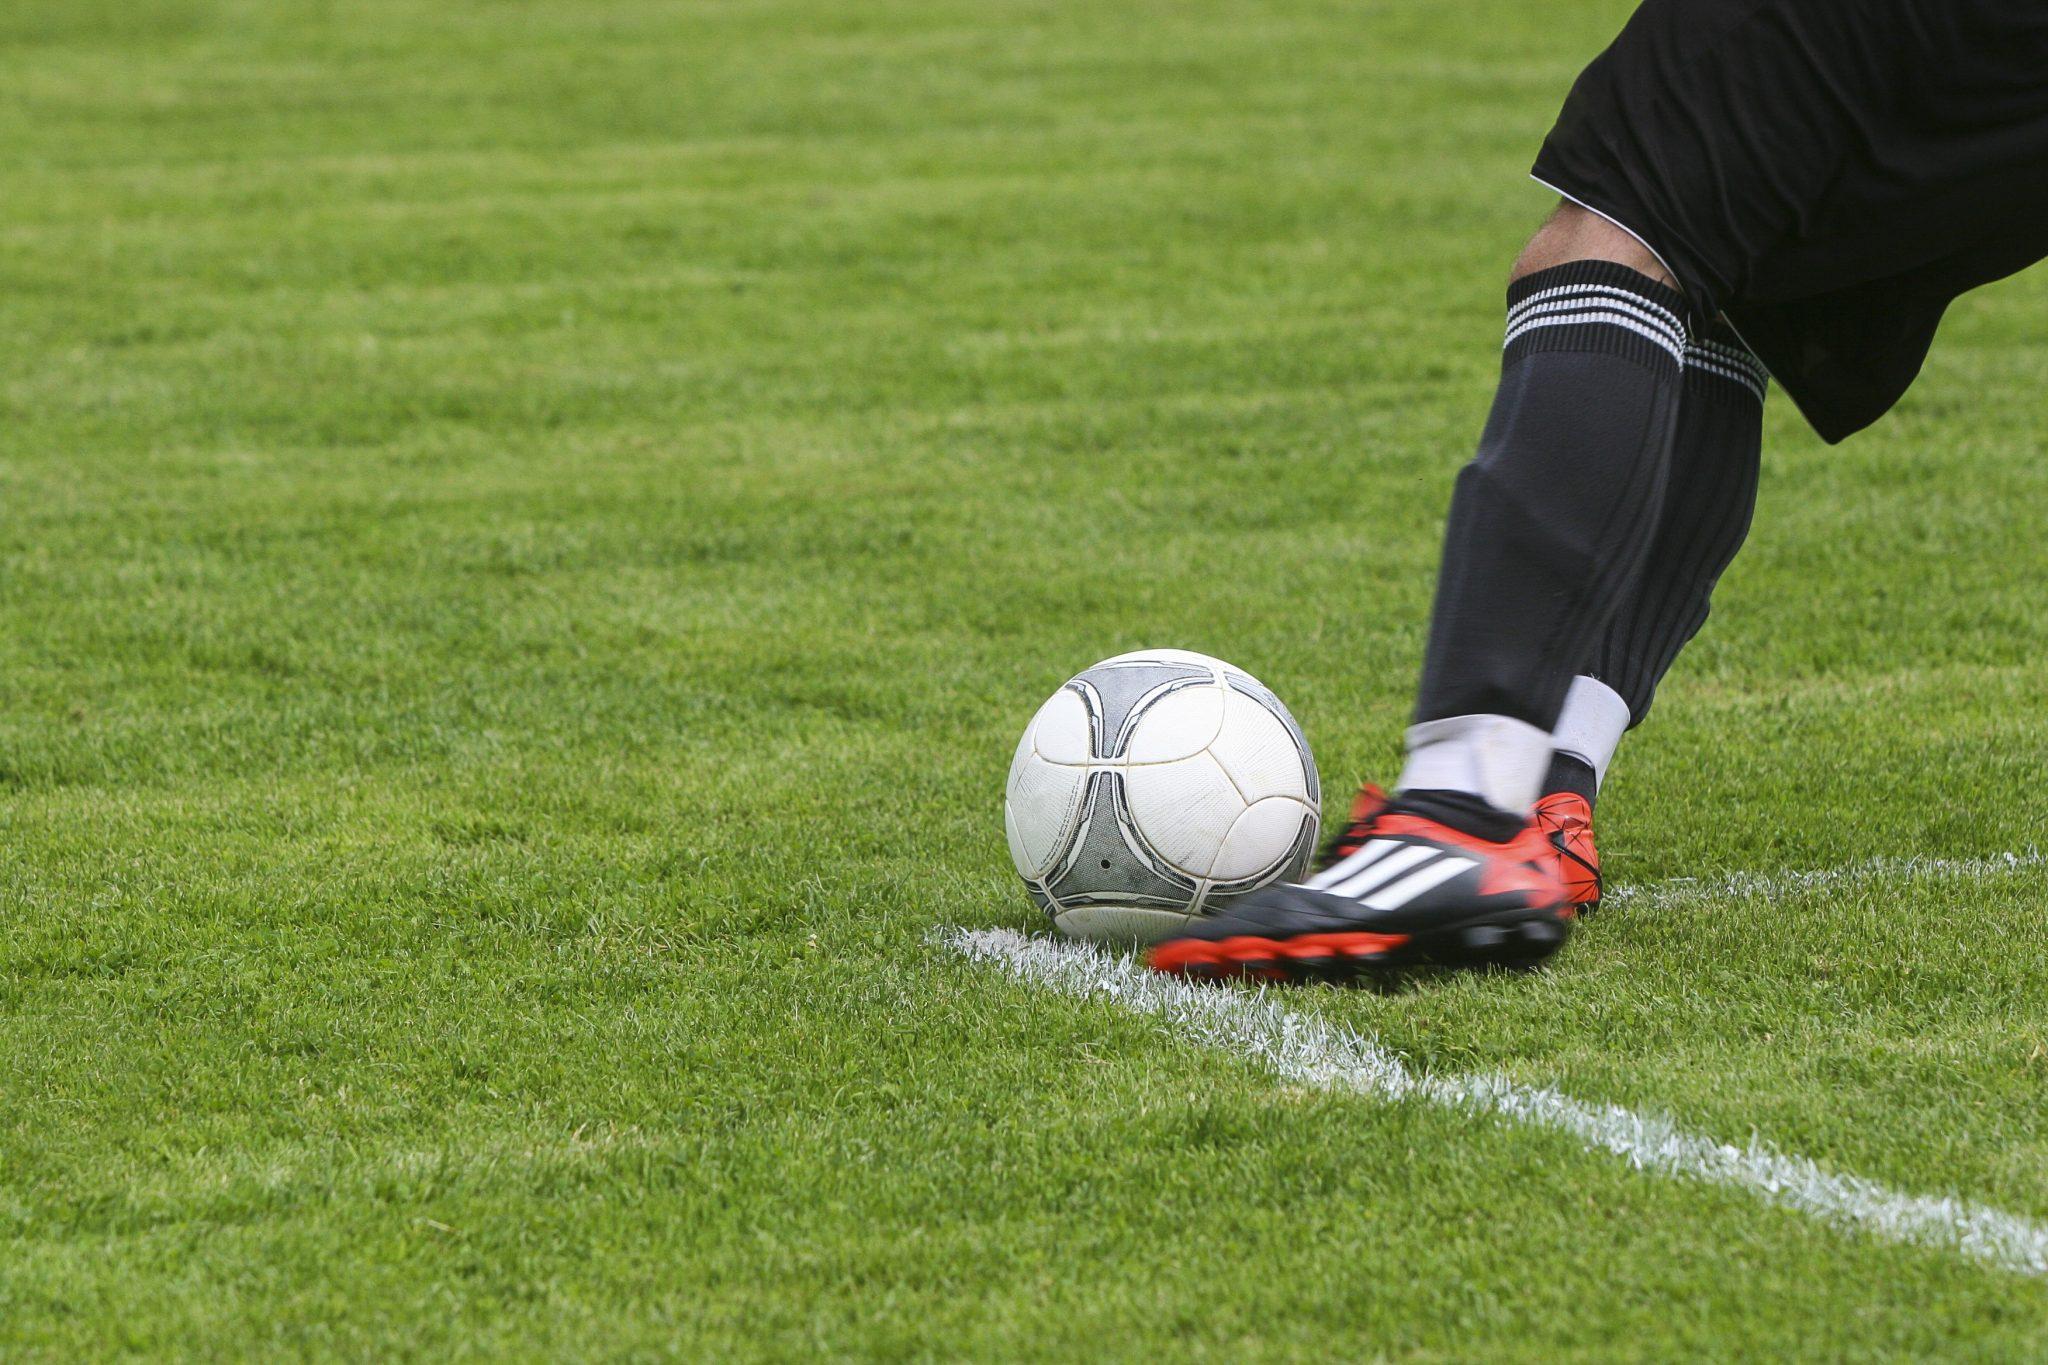 Calzini Sportivi Uomo Errea Con Piede Pi